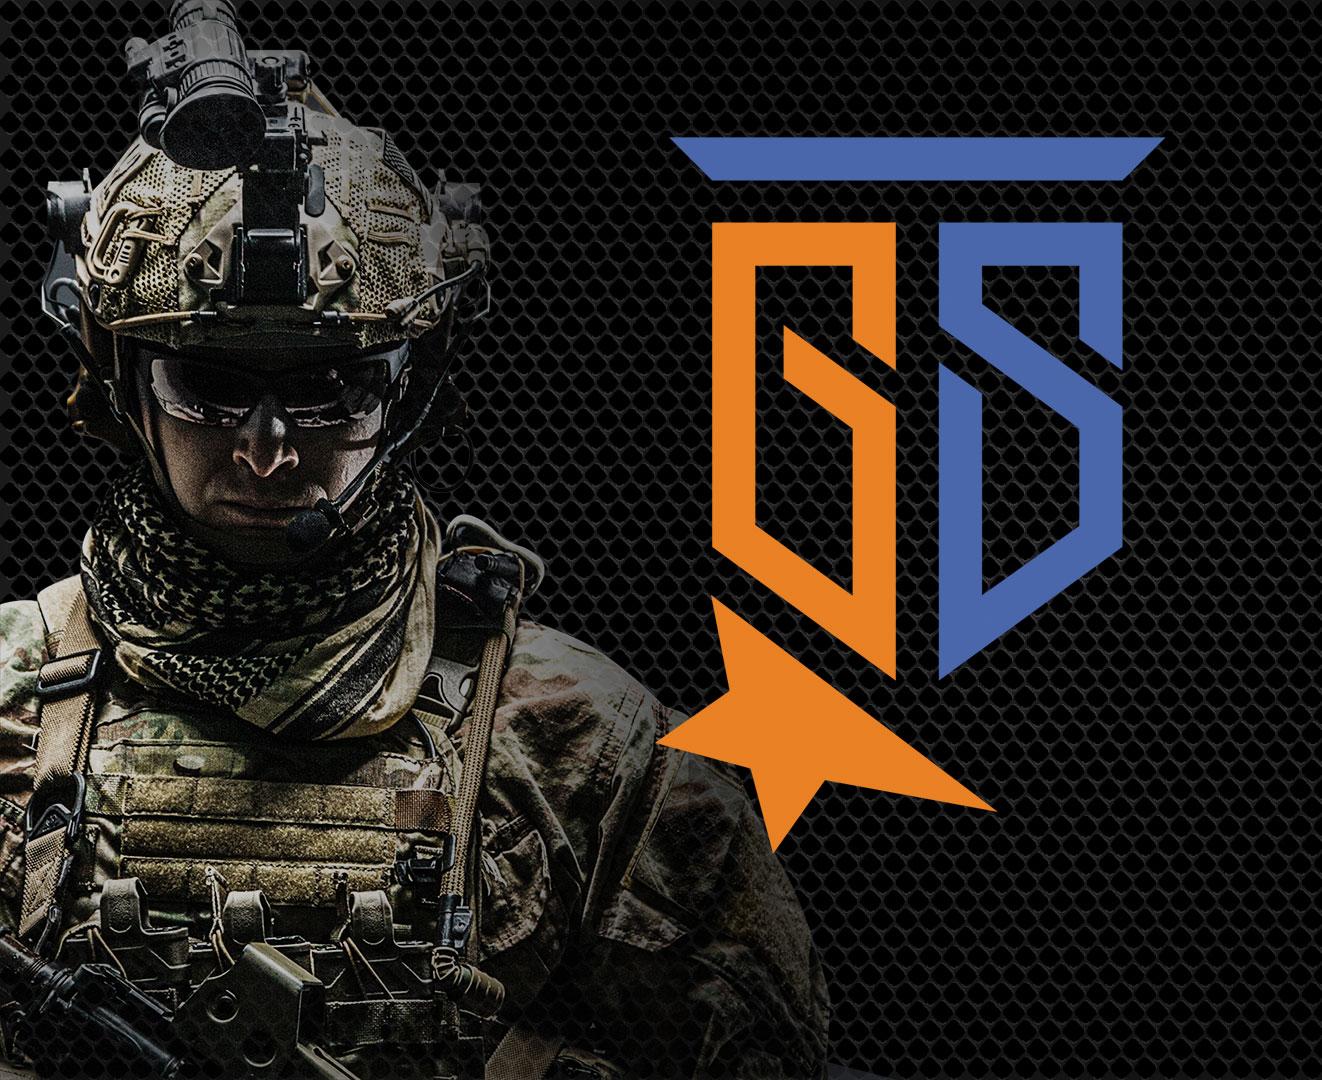 GovSmart Tactical